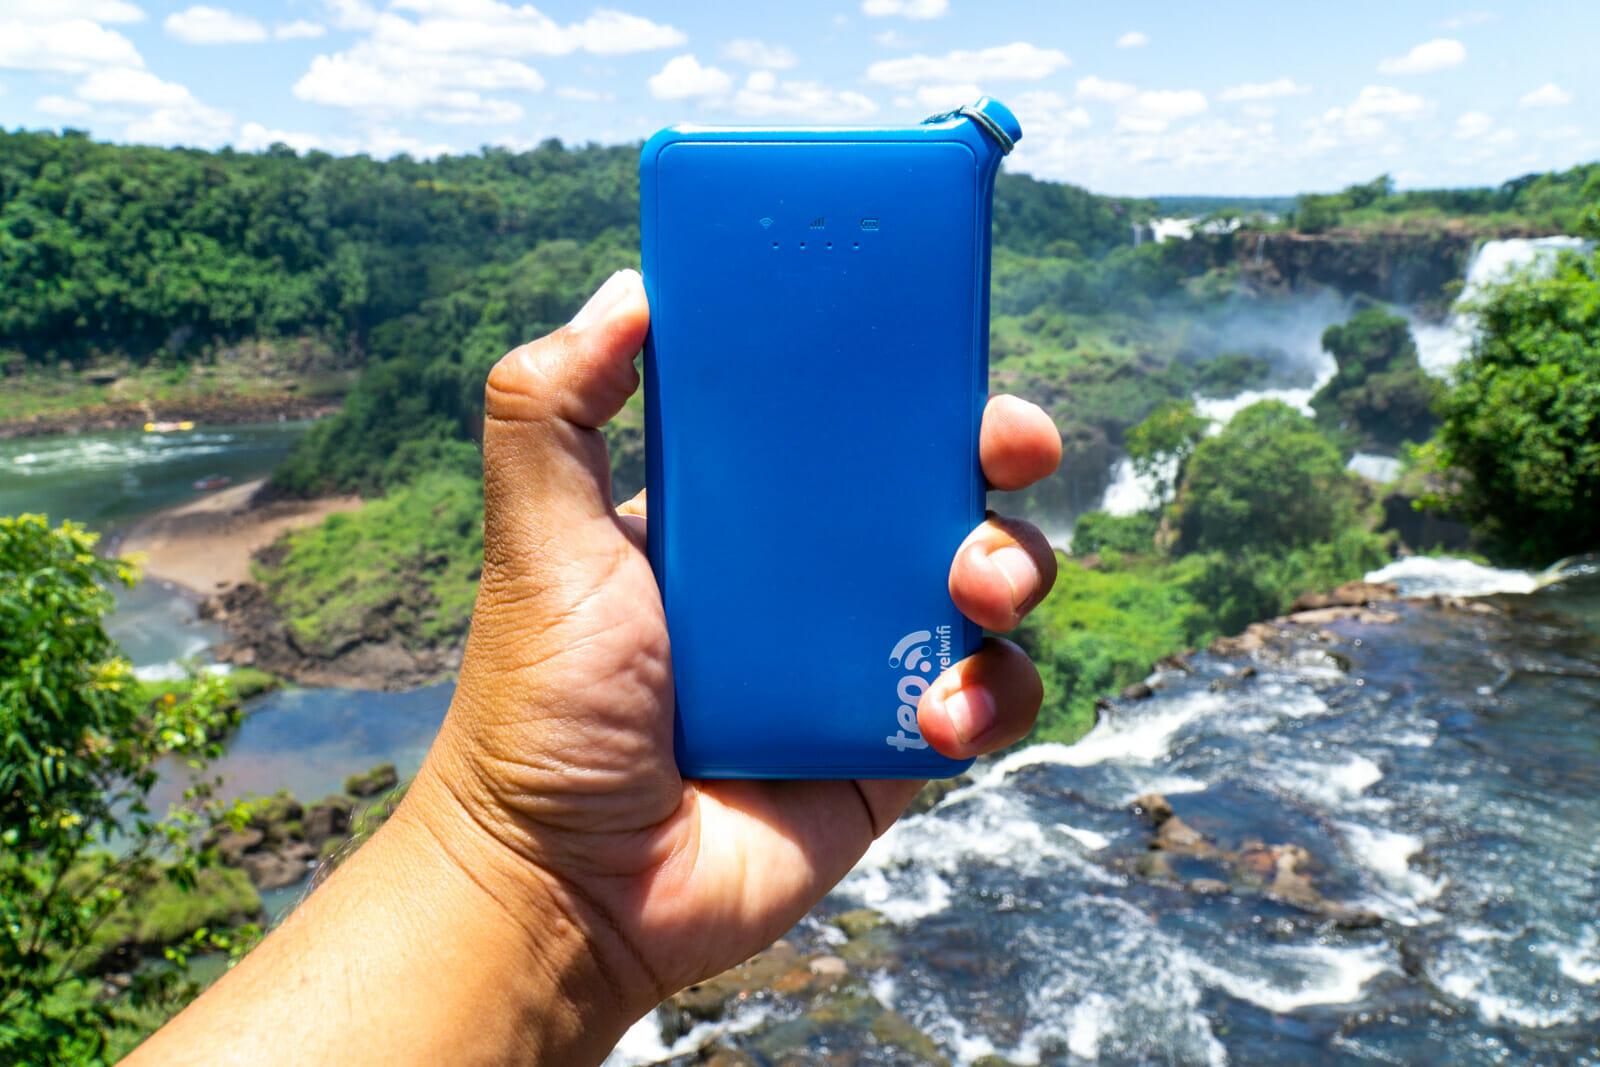 TEP Wifi at Iguazu Falls